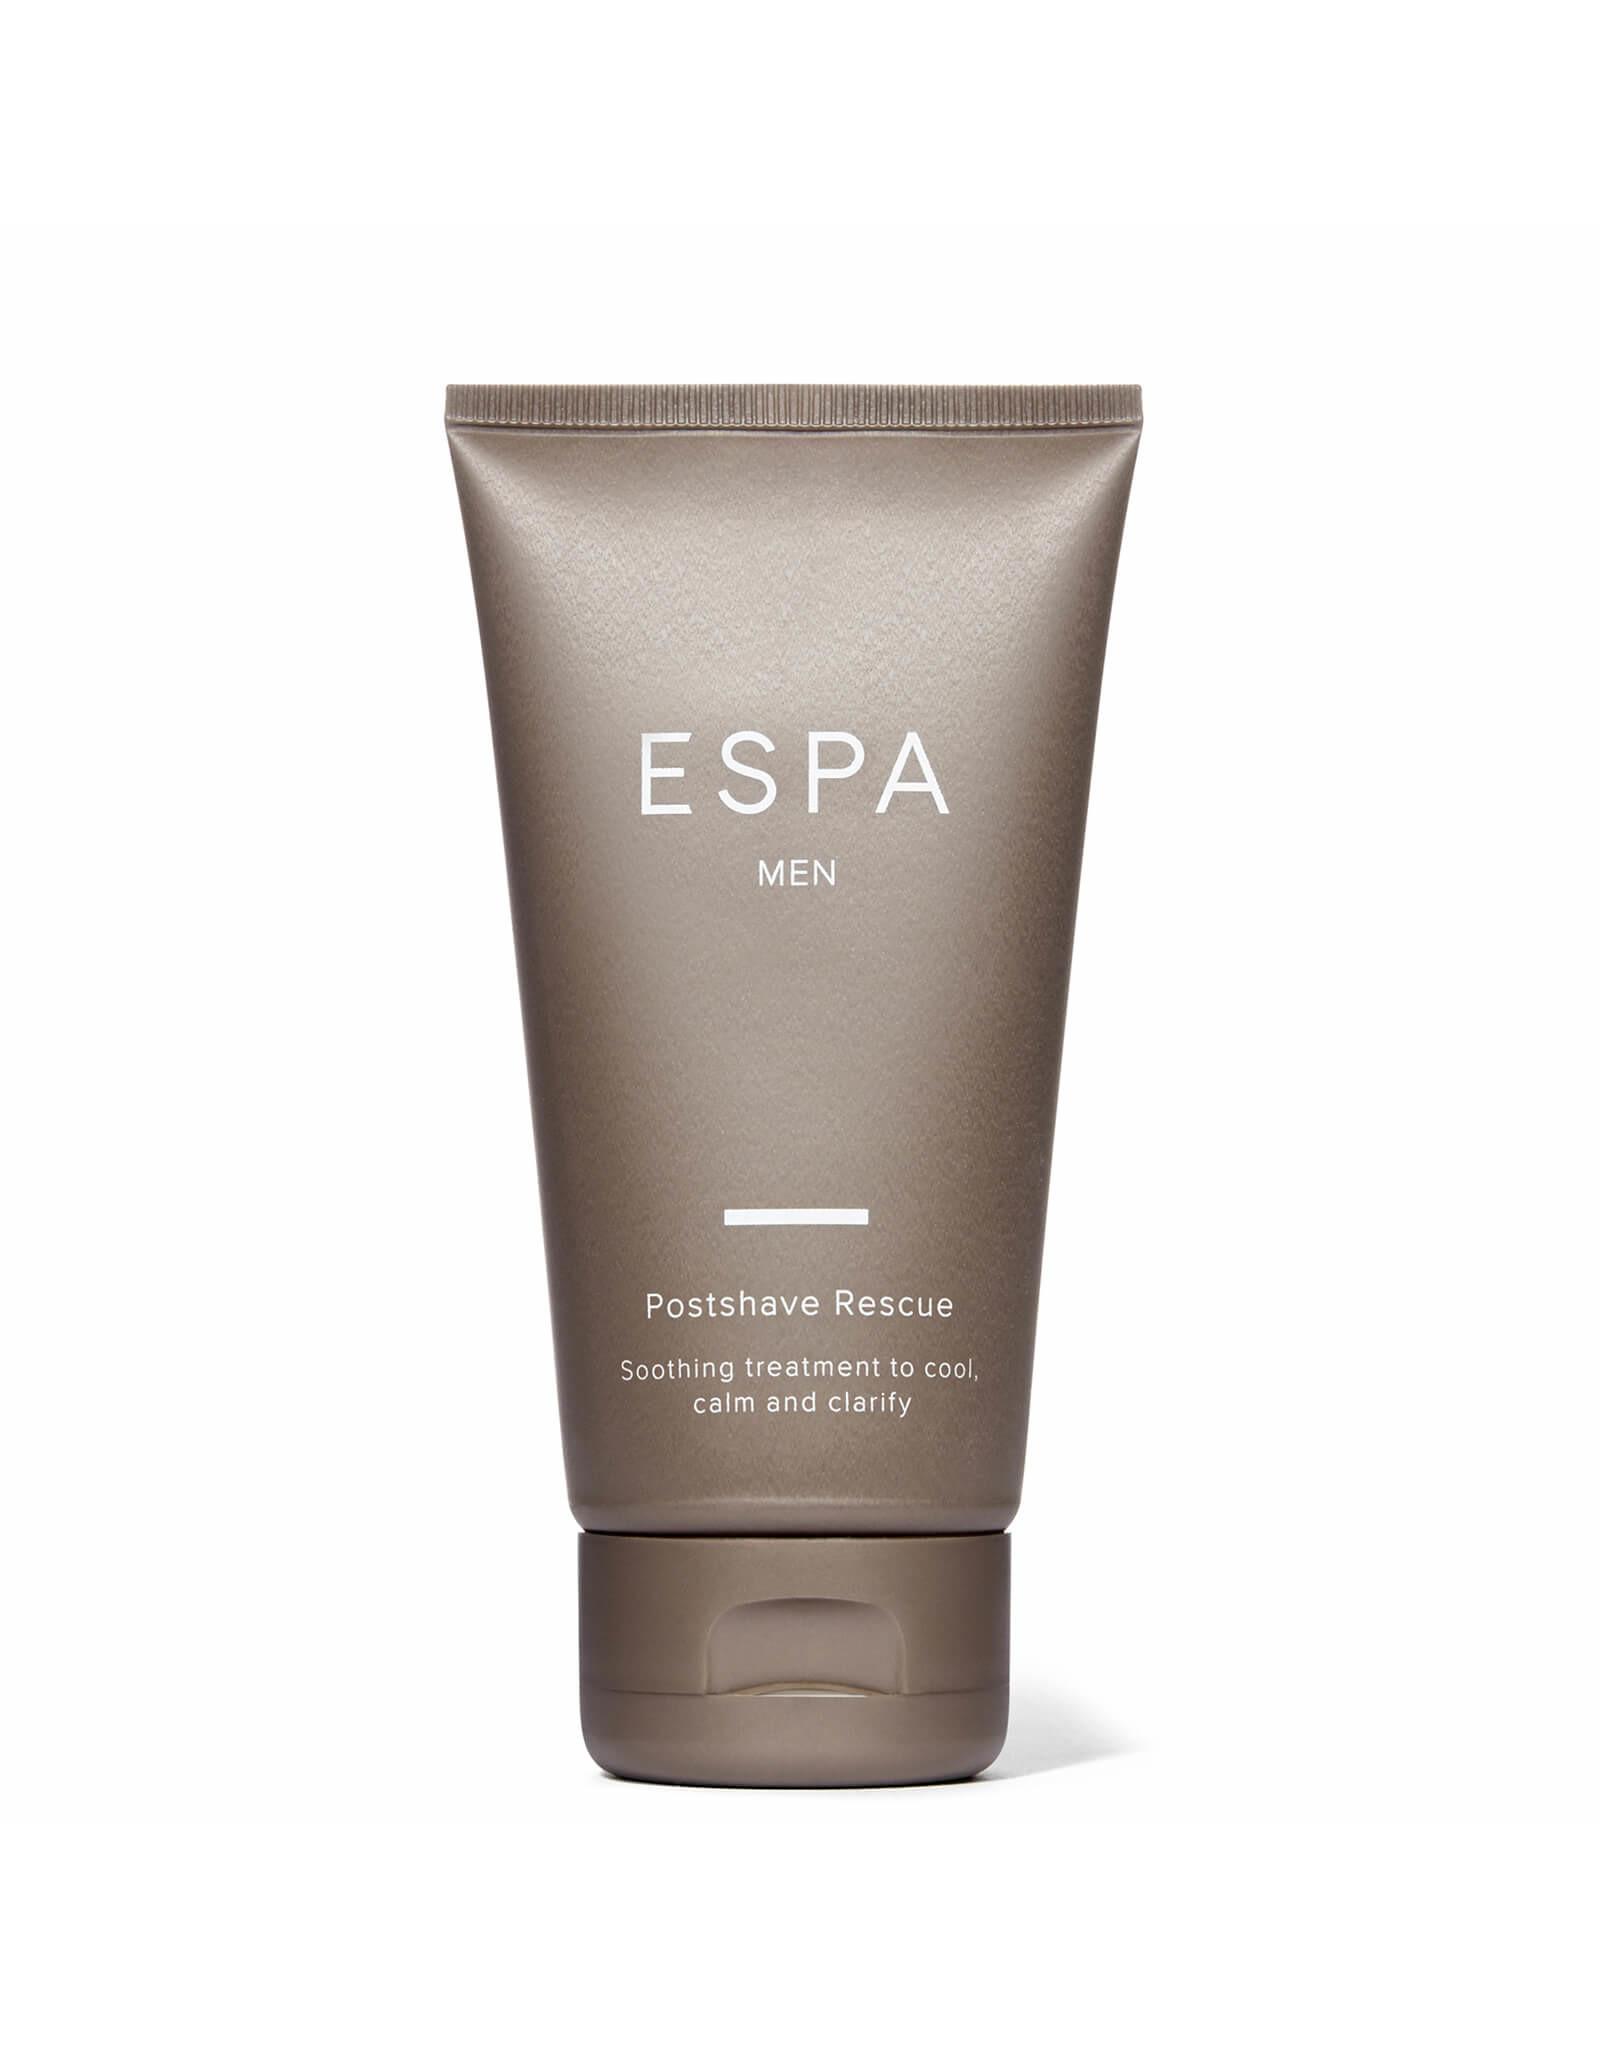 ESPA Men Post-shave Rescue, 70ml